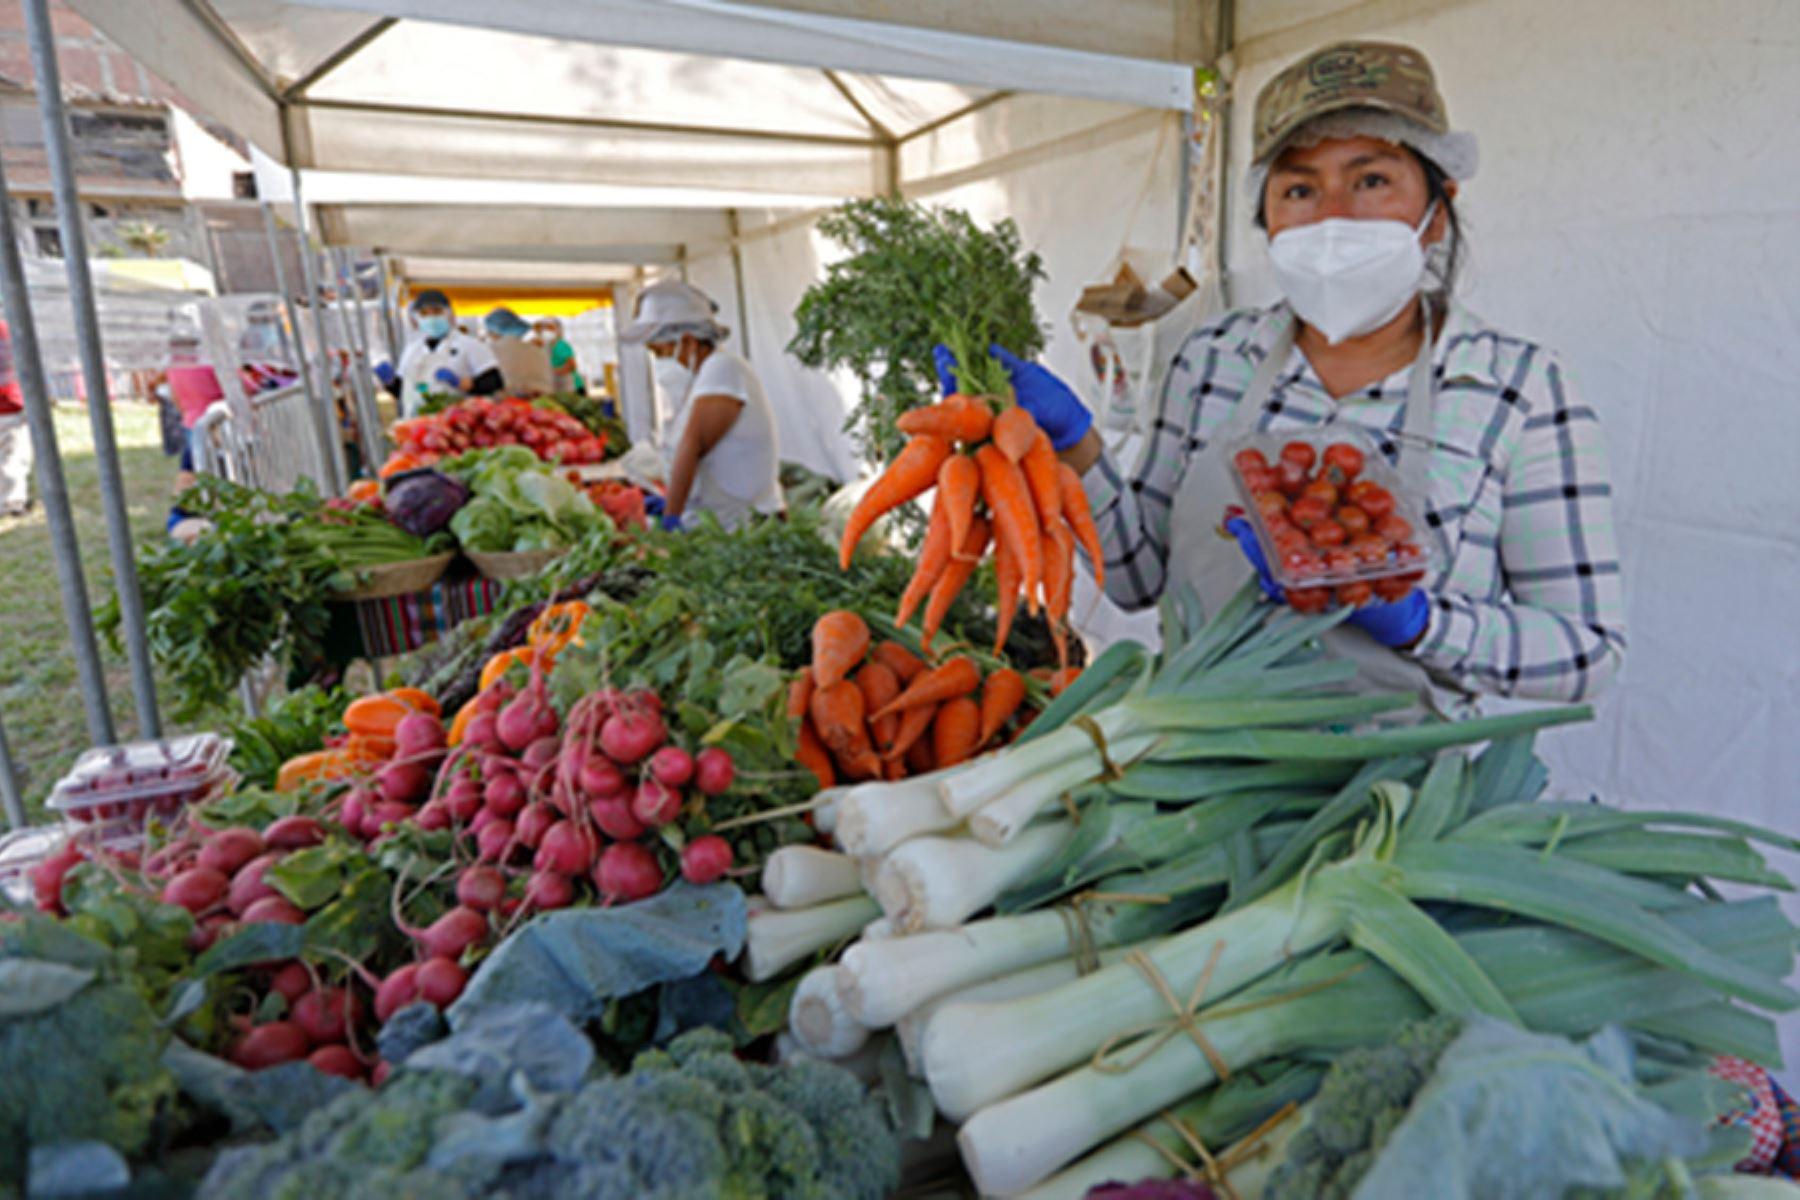 Llaman al consenso político para impulsar seguridad alimentaria y lucha contra la malnutrición. Foto: ANDINA/Difusión